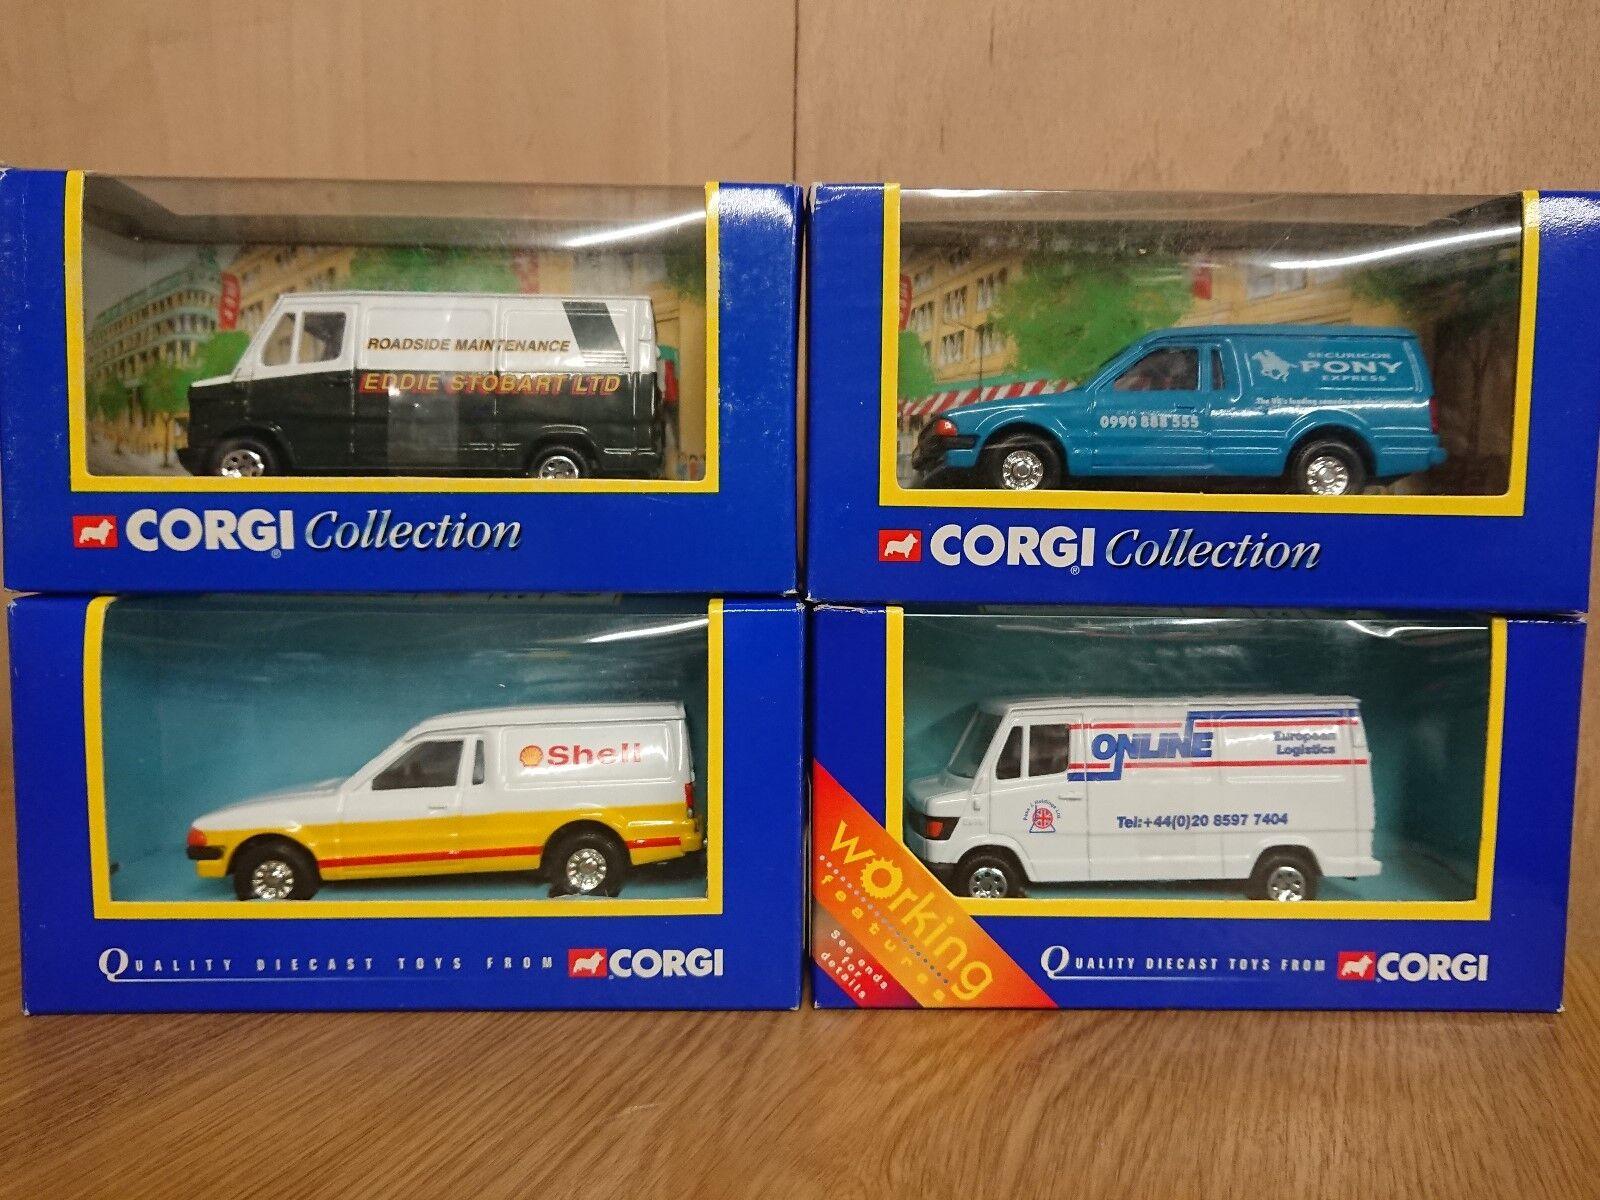 Corgi Joblot 4 x diecast 2 x Various Ford Escort Vans 2 x Mercedes 207D Vans